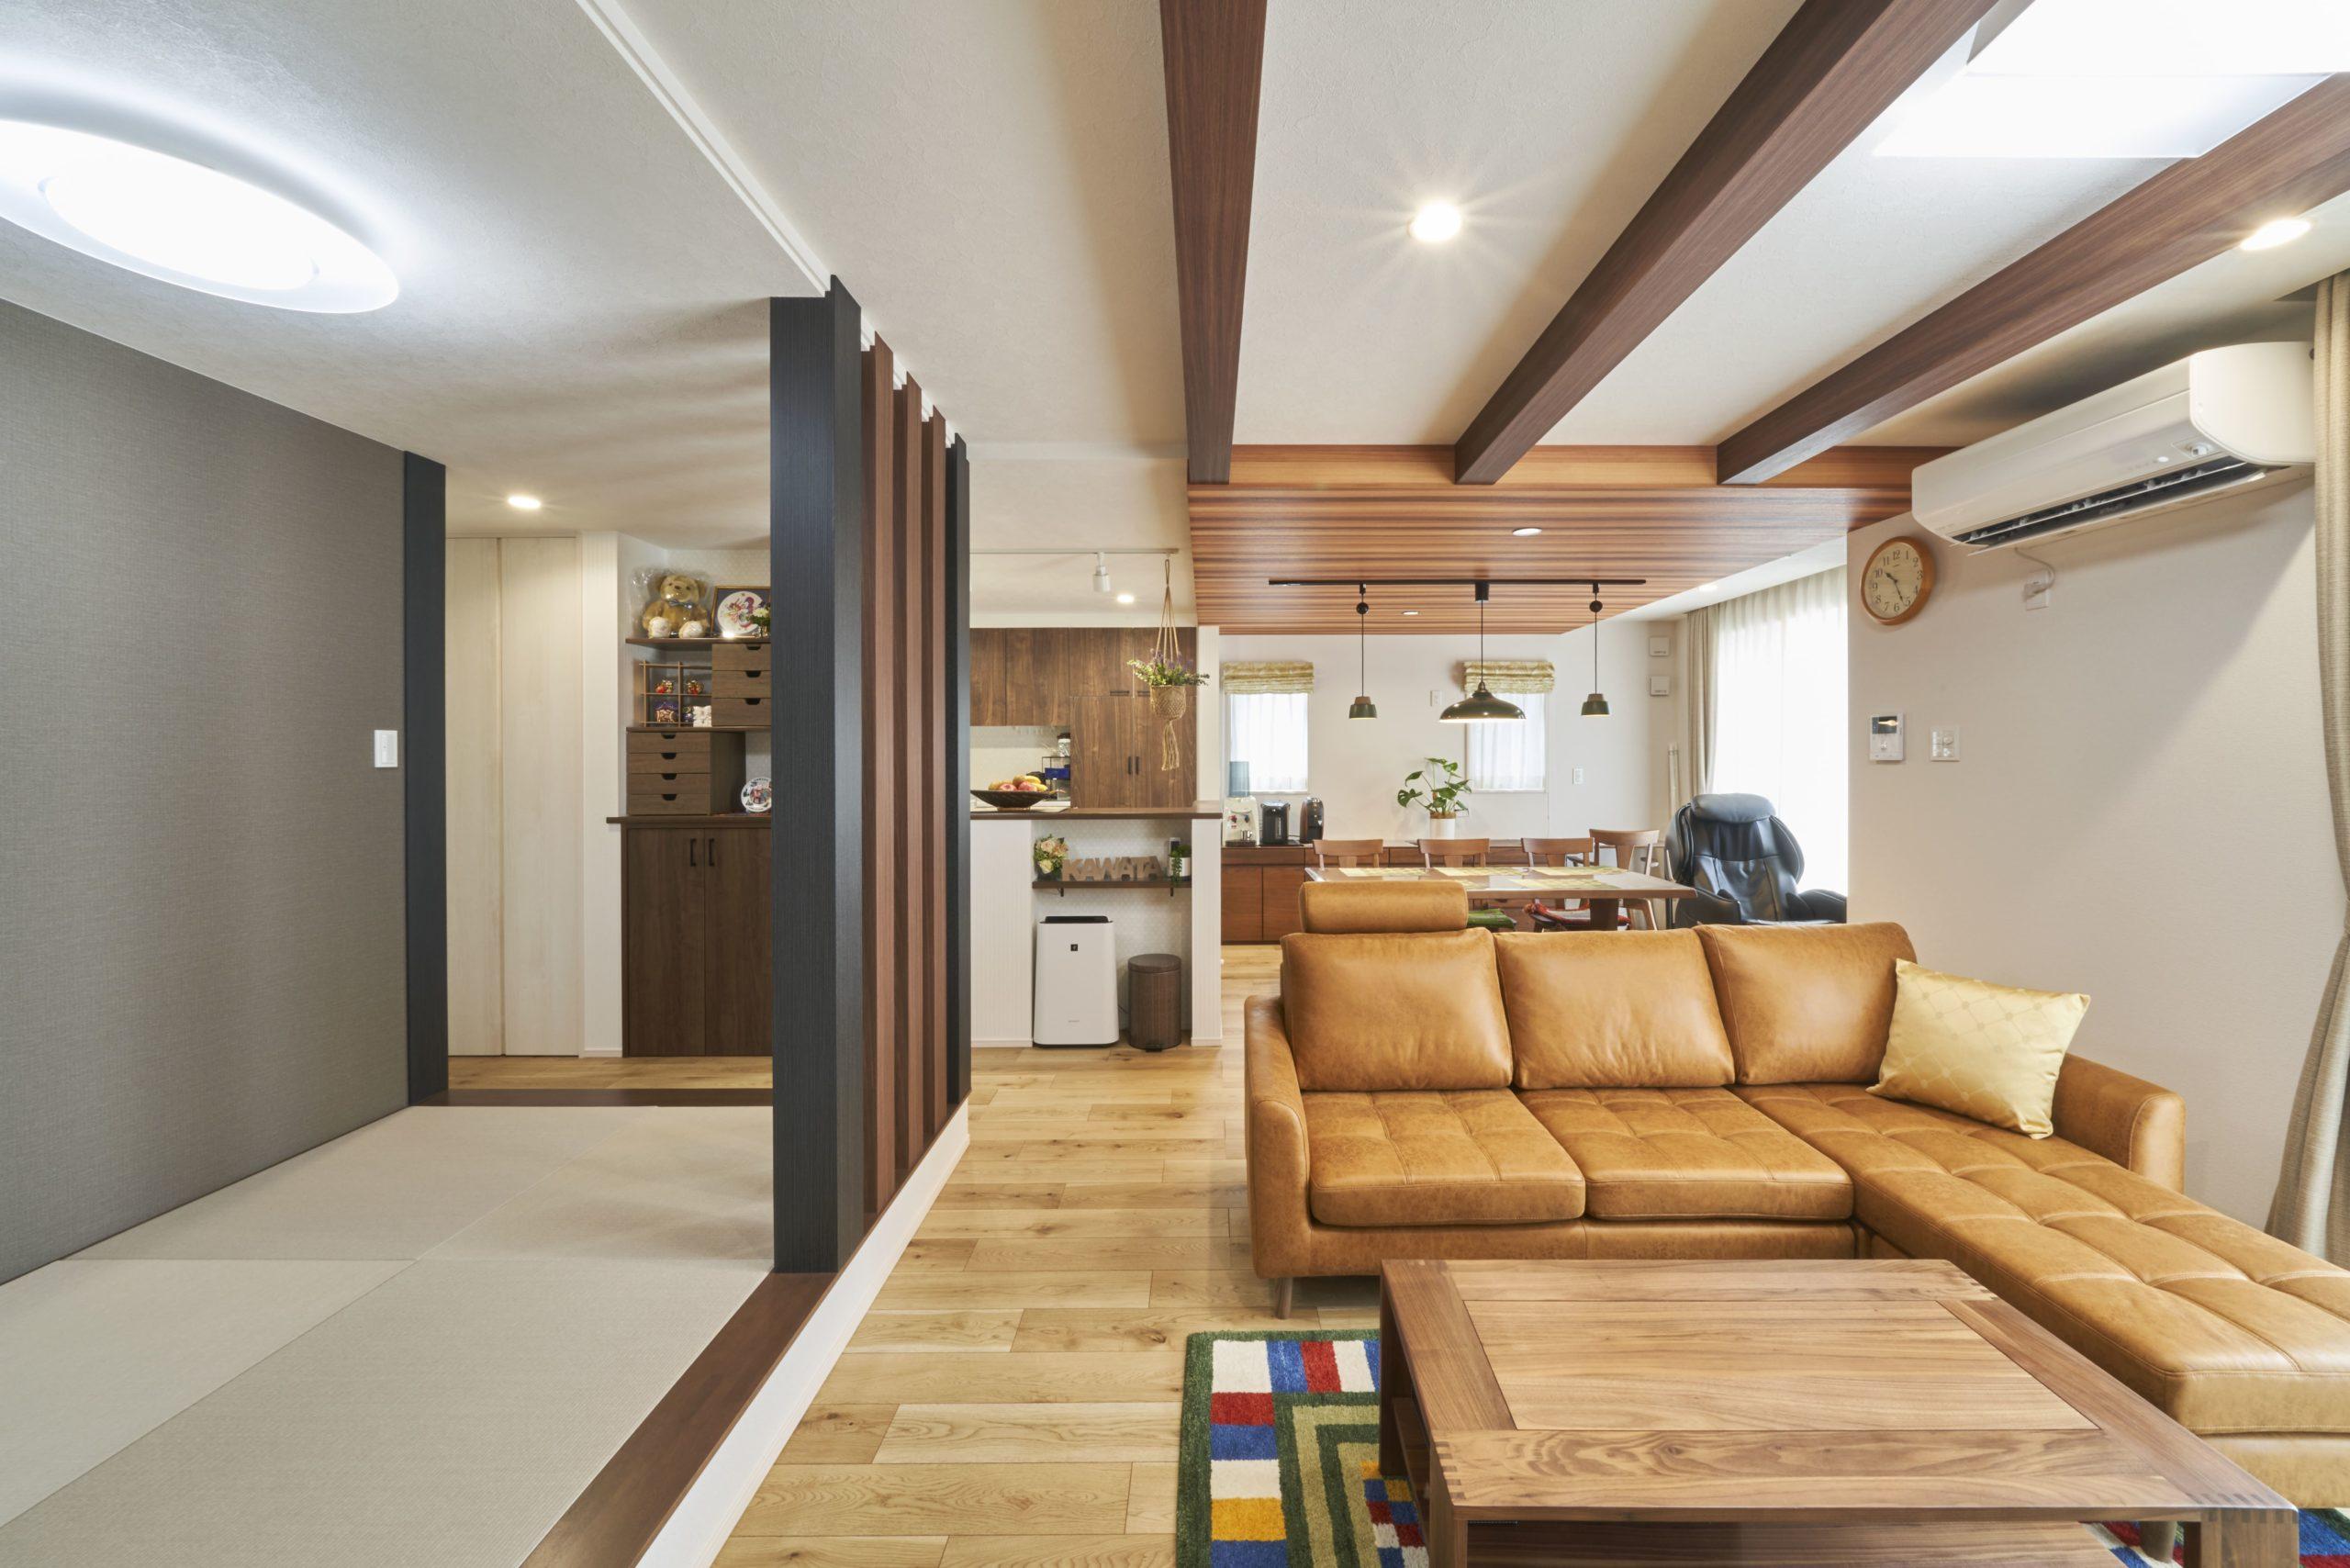 LDKは25.5畳の大空間。ご家族が自然に集まれるよう、広さはもちろん過ごしやすい工夫が盛り込まれている。天井は梁をむき出してデザイン性と空間の広がりを演出。隣接した畳コーナーは角柱を配置して高級旅館のような趣がプラスされている。